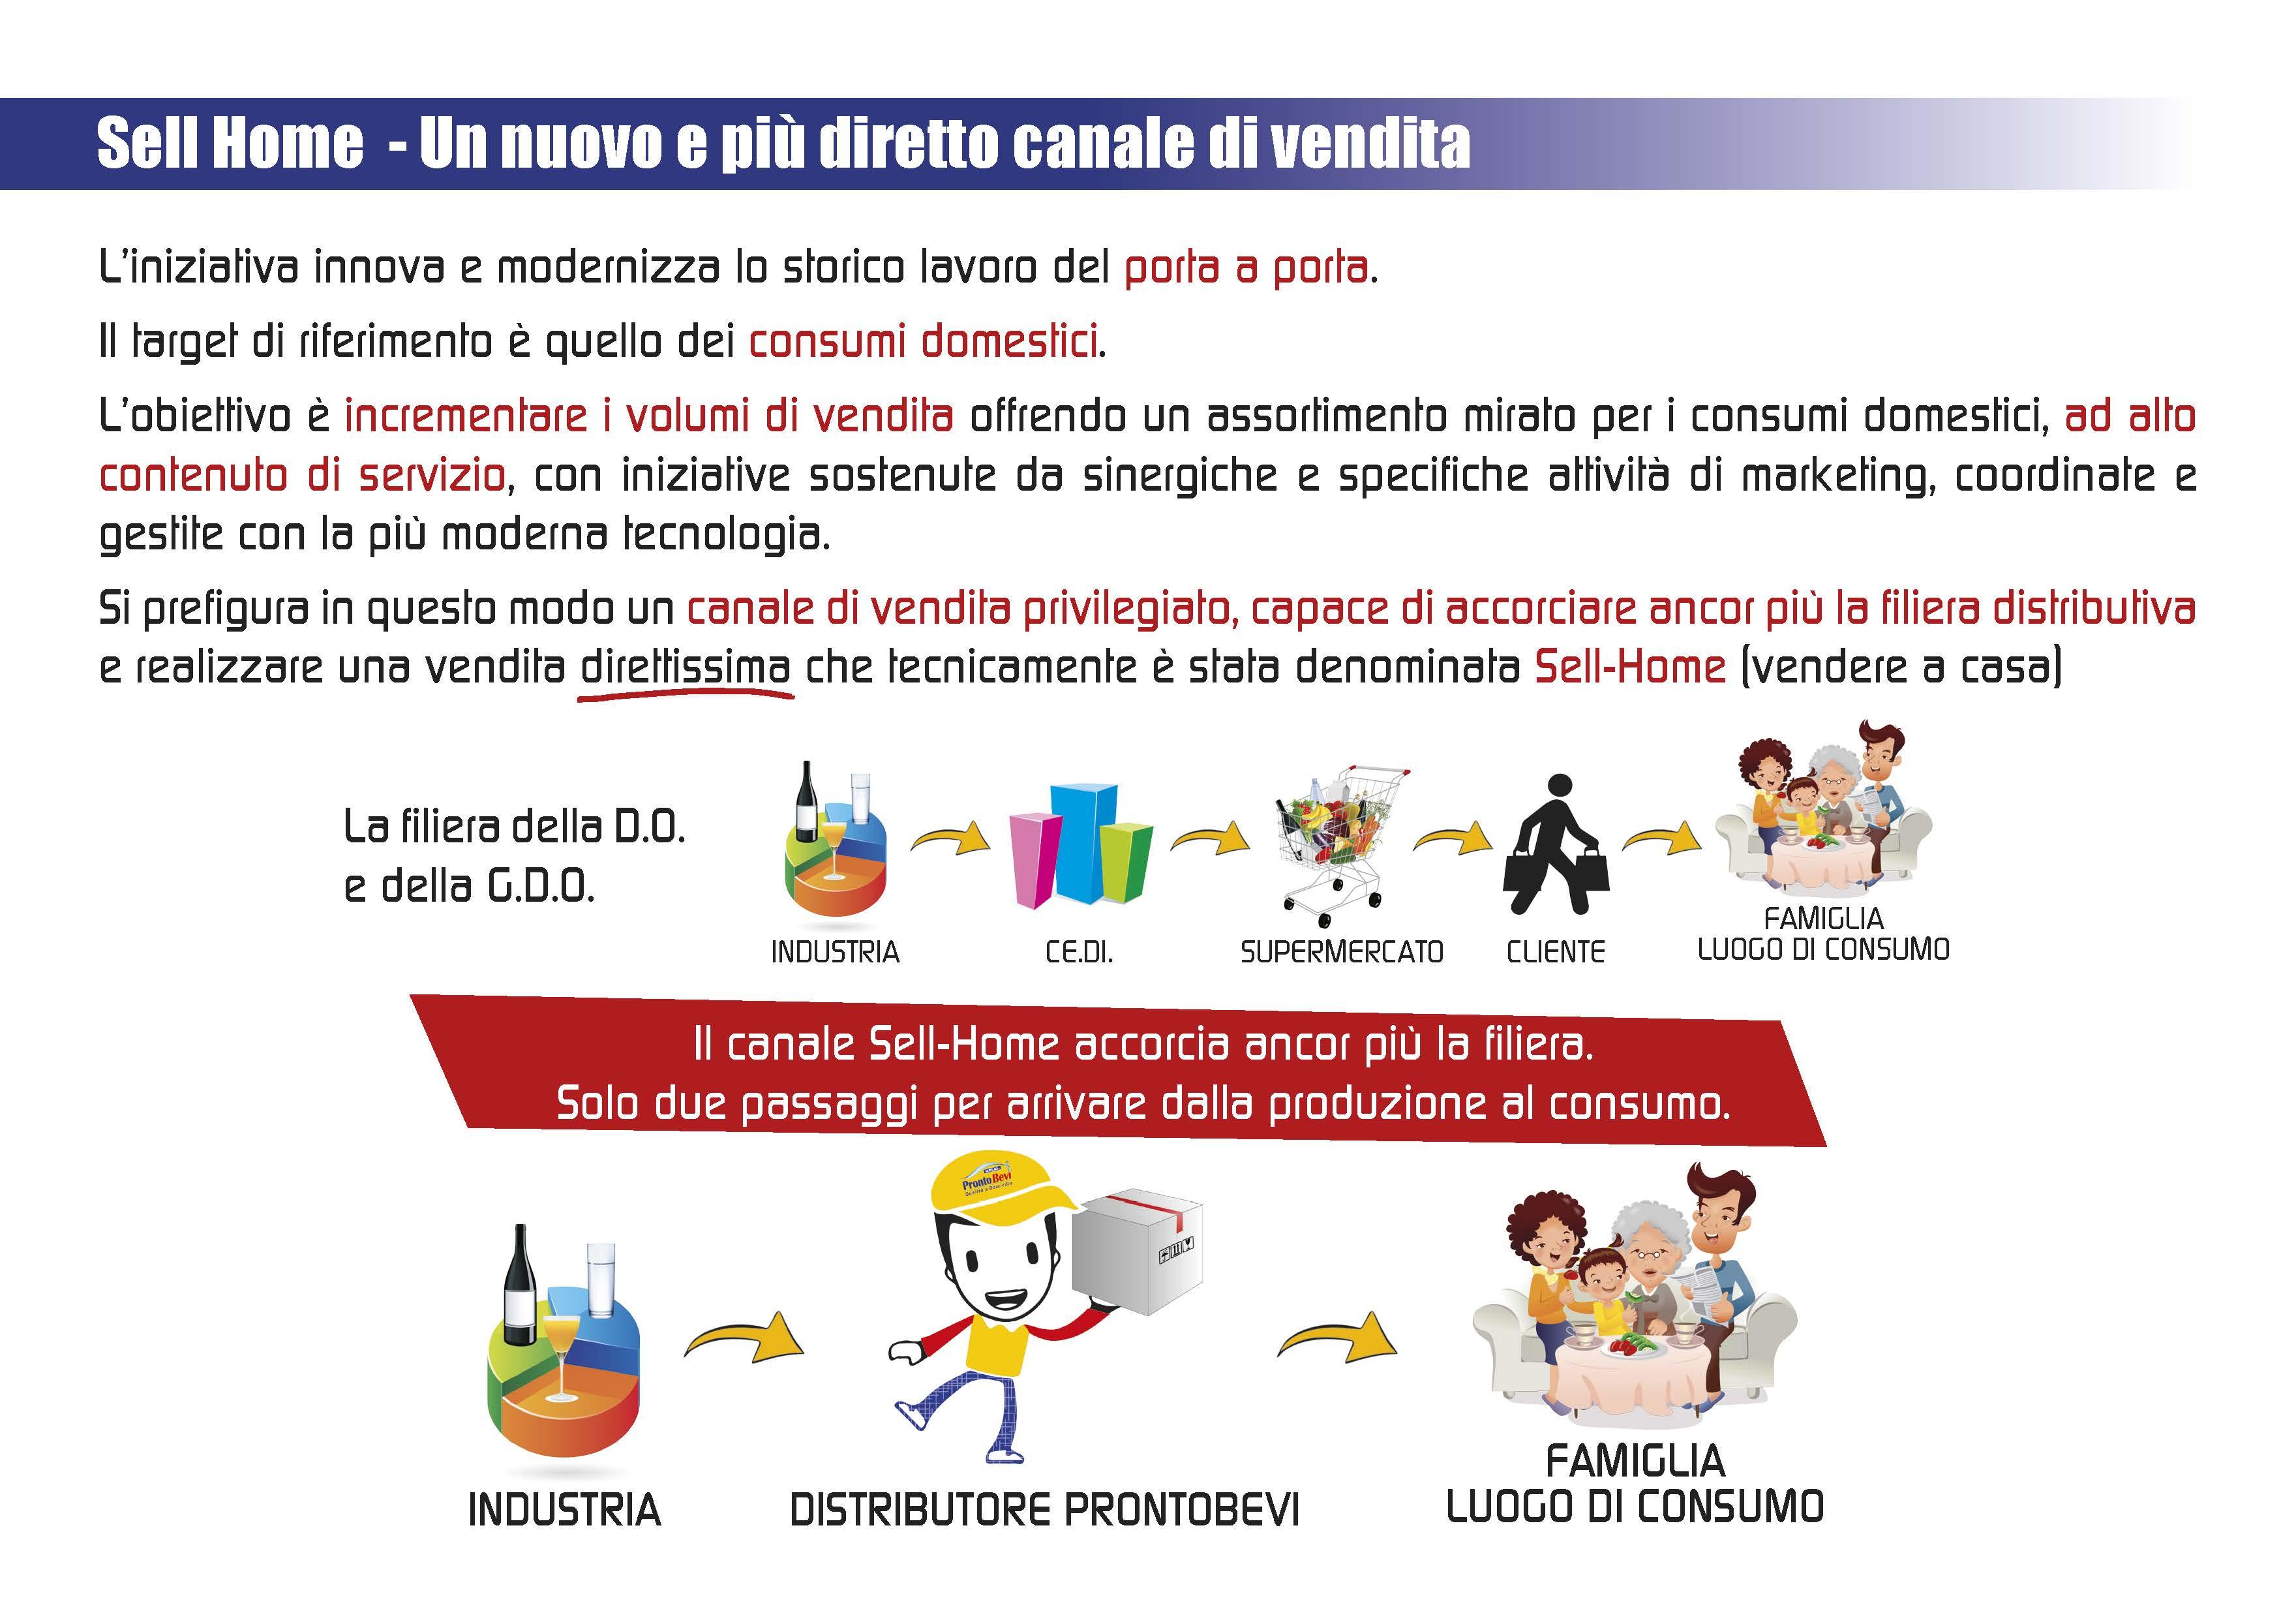 PB Brochure Istituzionale_Pagina_04.jpg (523 KB)